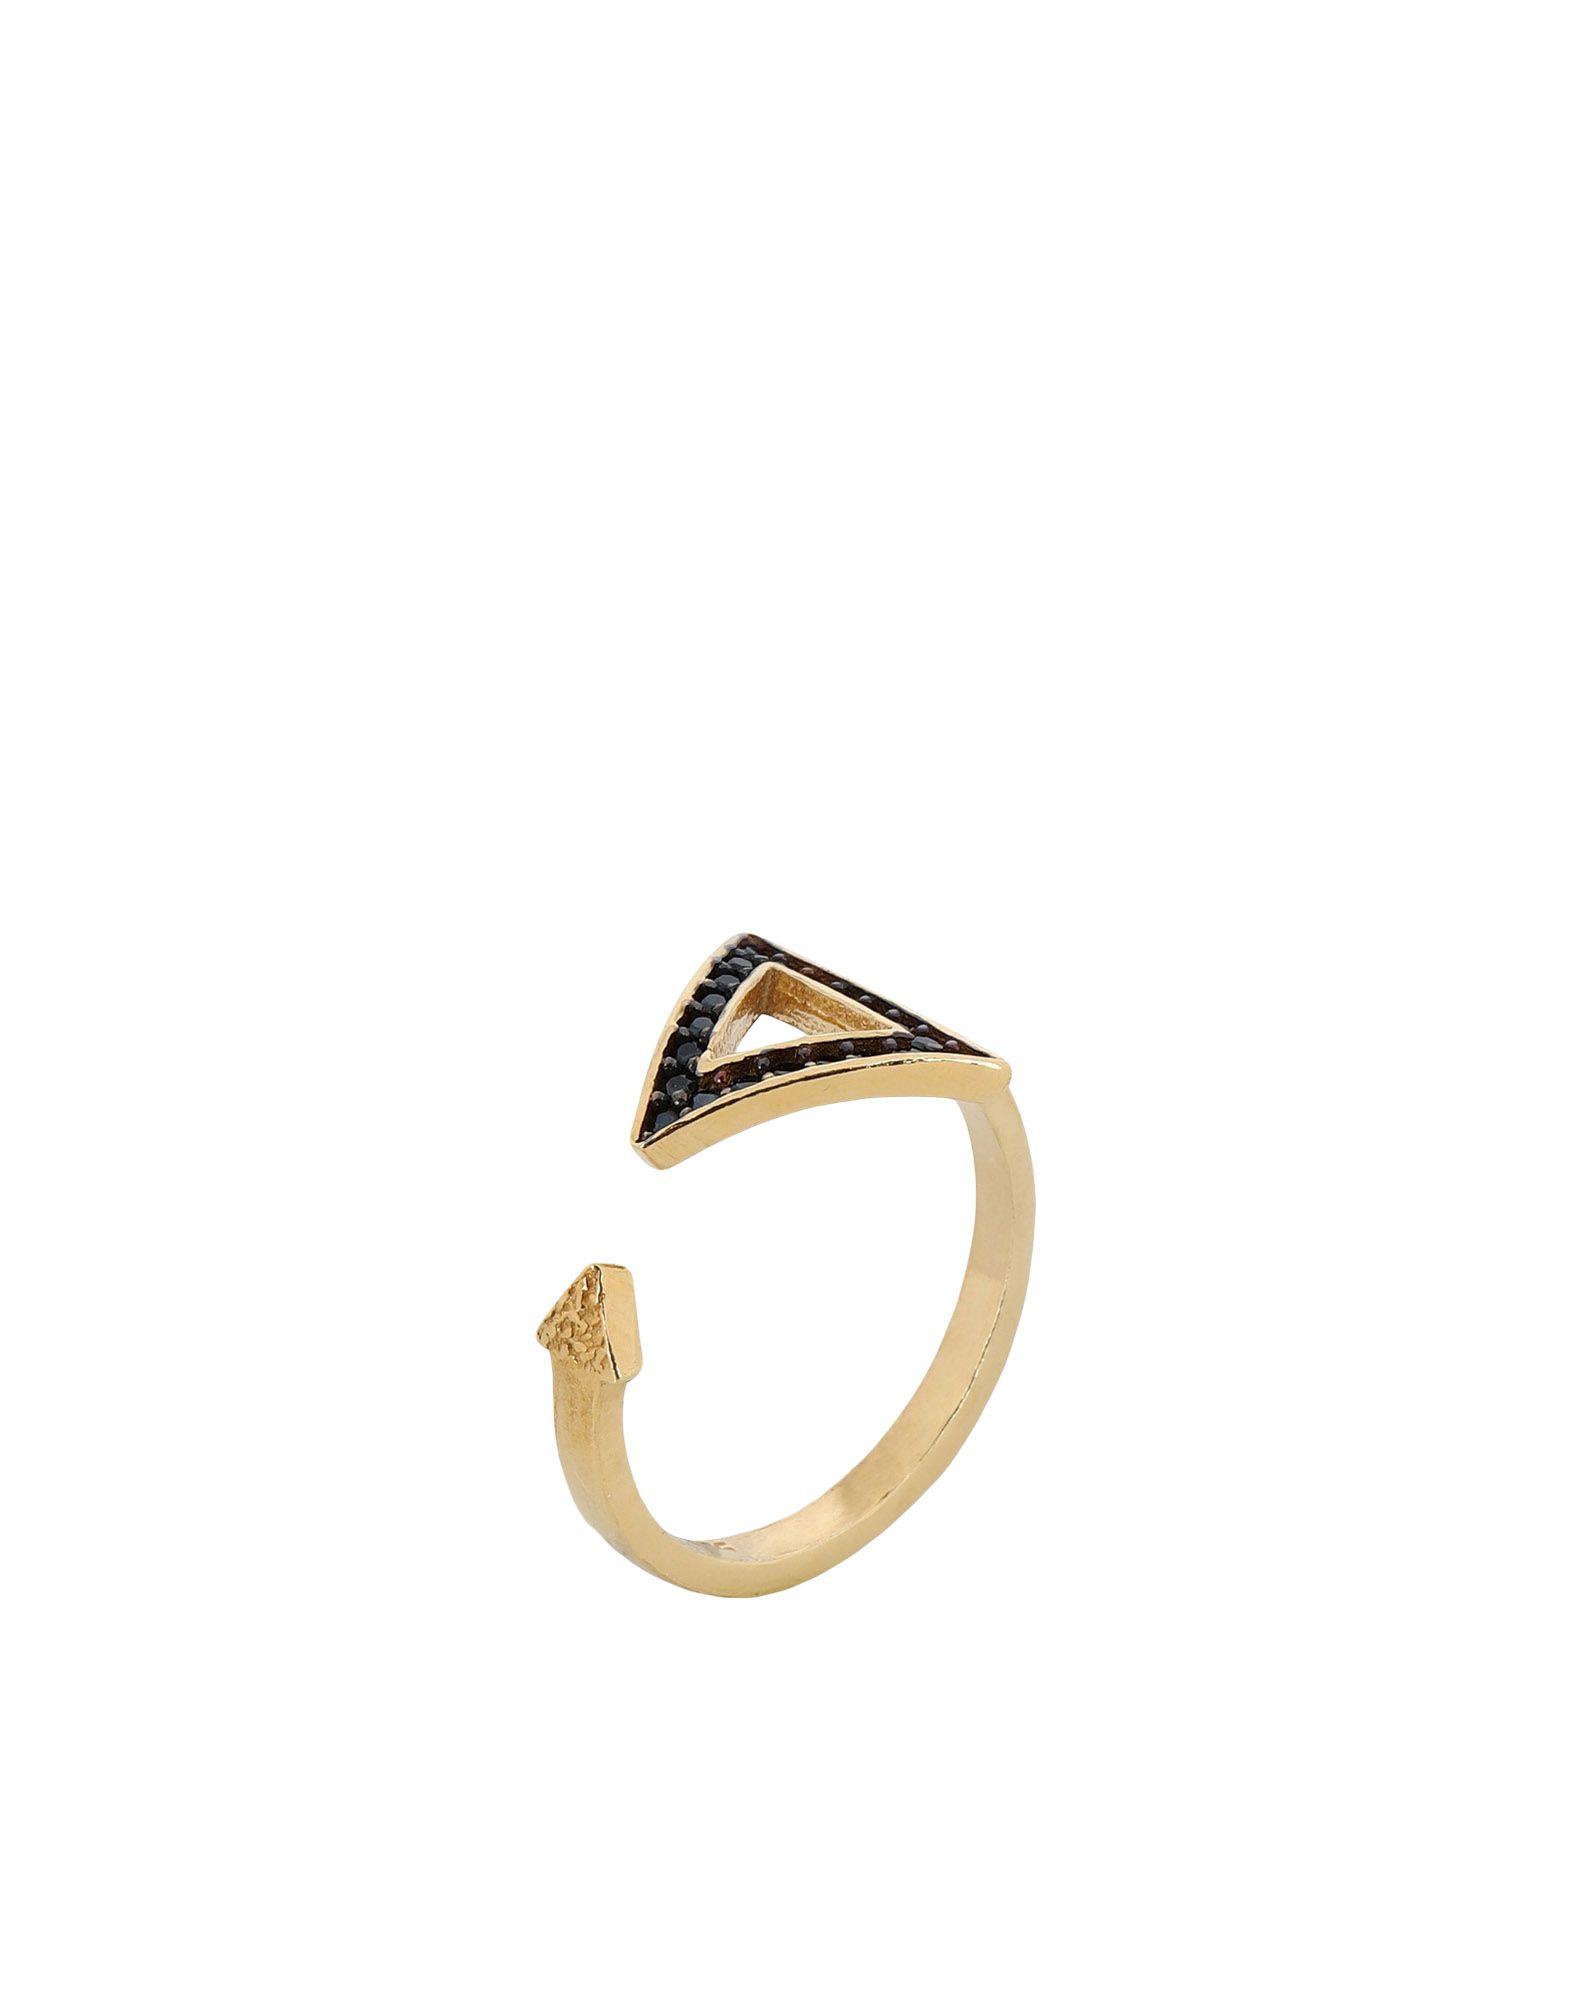 《セール開催中》FIRST PEOPLE FIRST レディース 指輪 ゴールド one size シルバー925/1000 / 18金メッキ / キュービックジルコニア Hestia Zircon Midi Ring